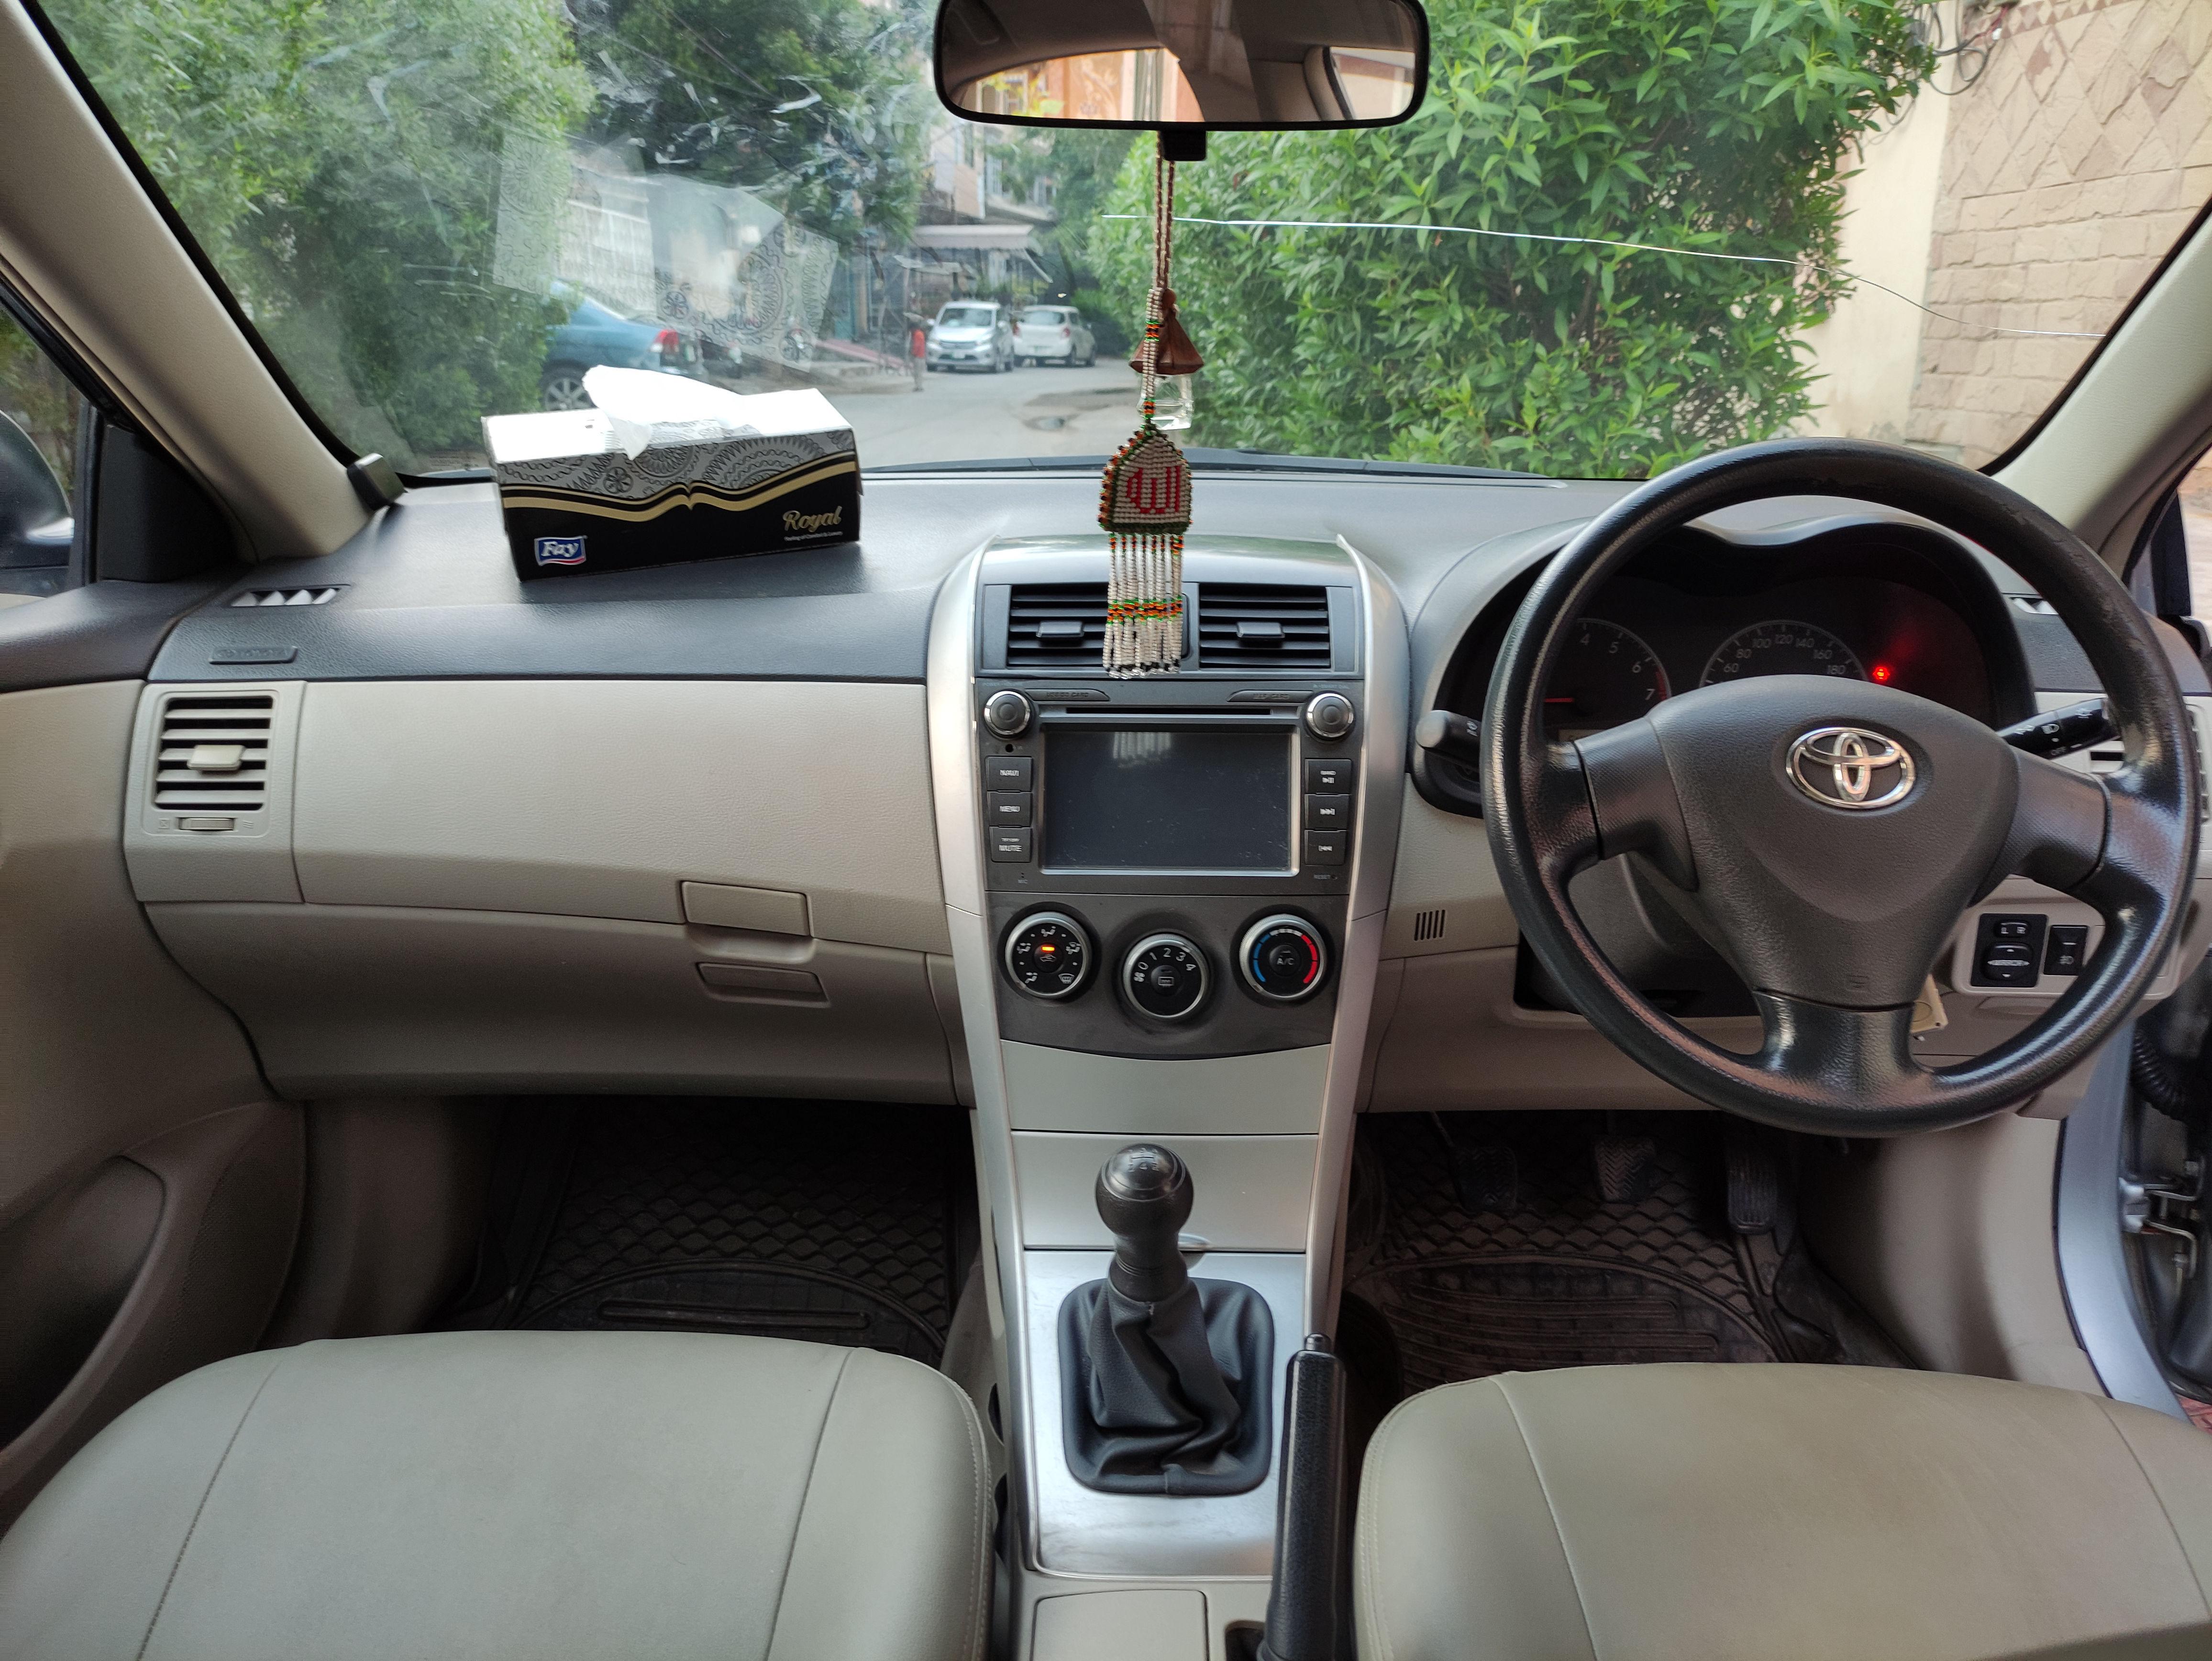 Toyota Corolla GLi 1.3 VVTi 2011